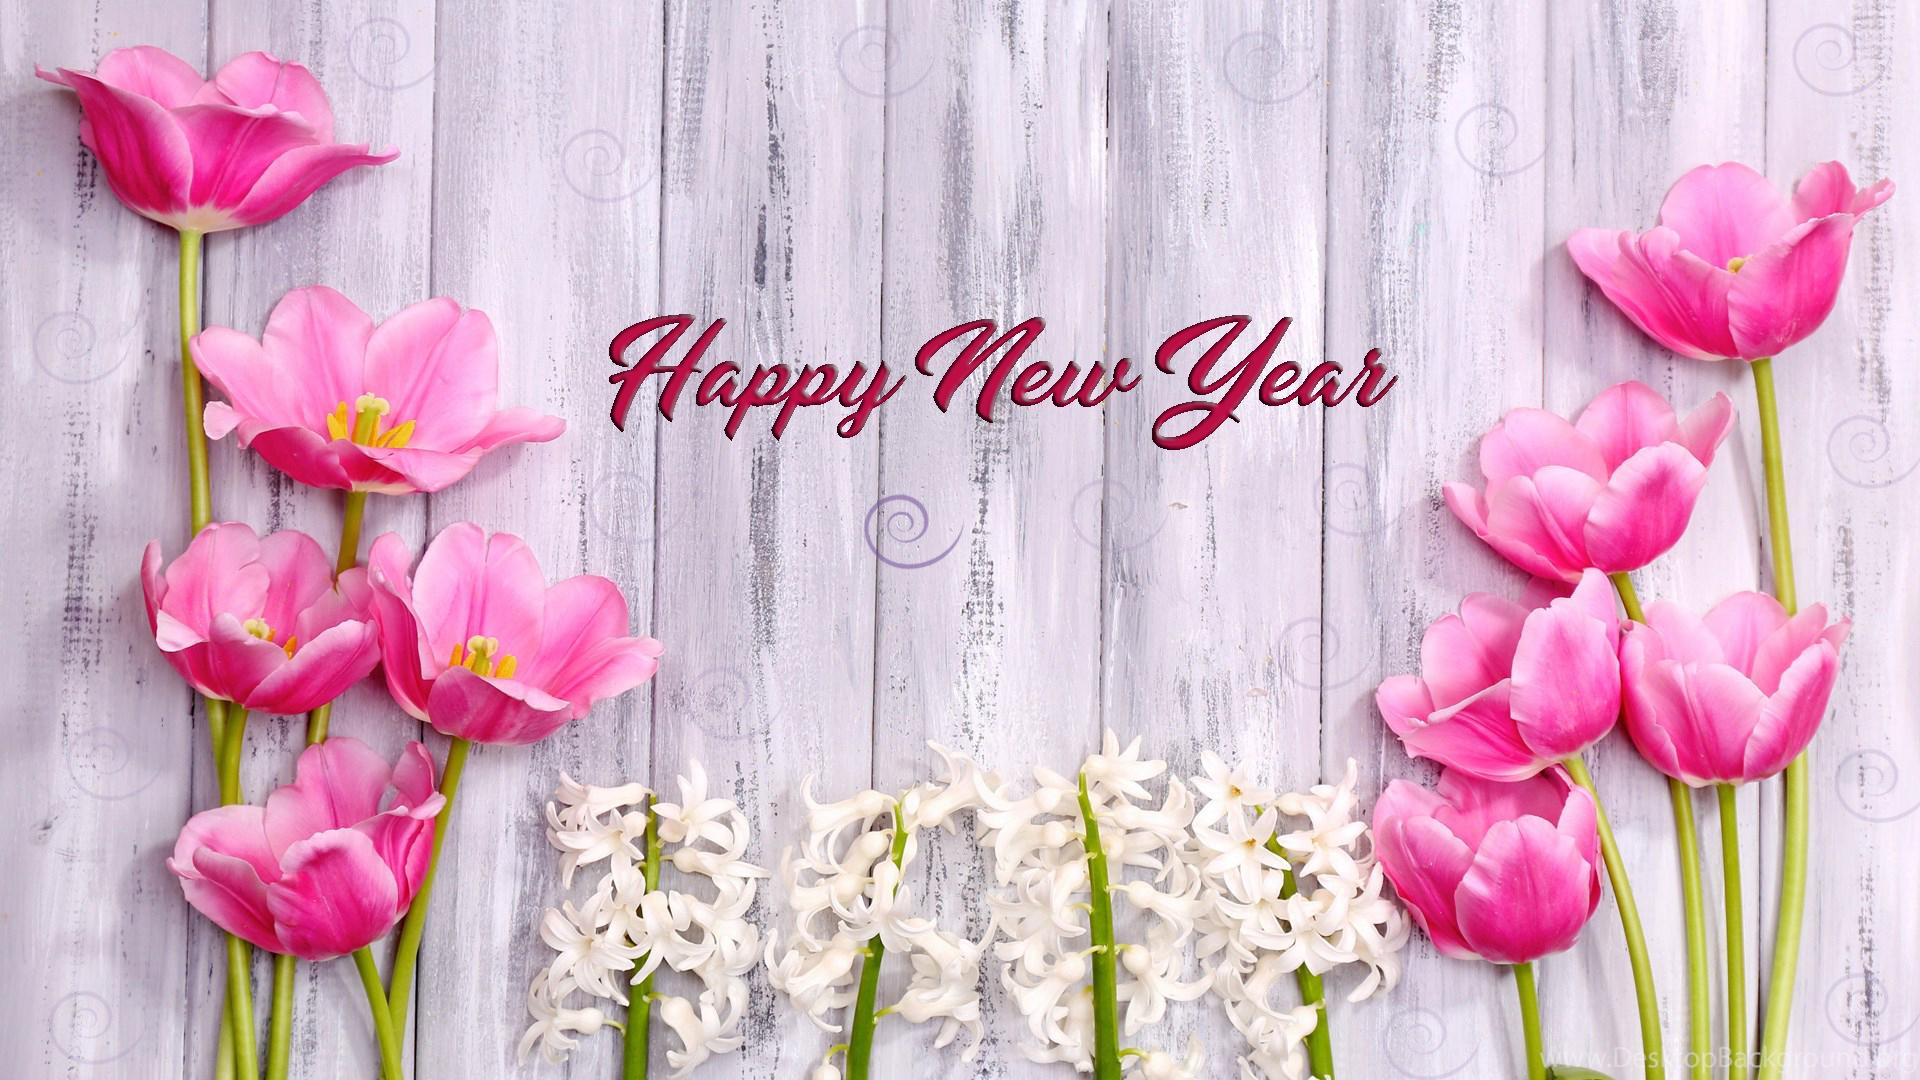 happy-new-year-card-2018-Pics-Photos